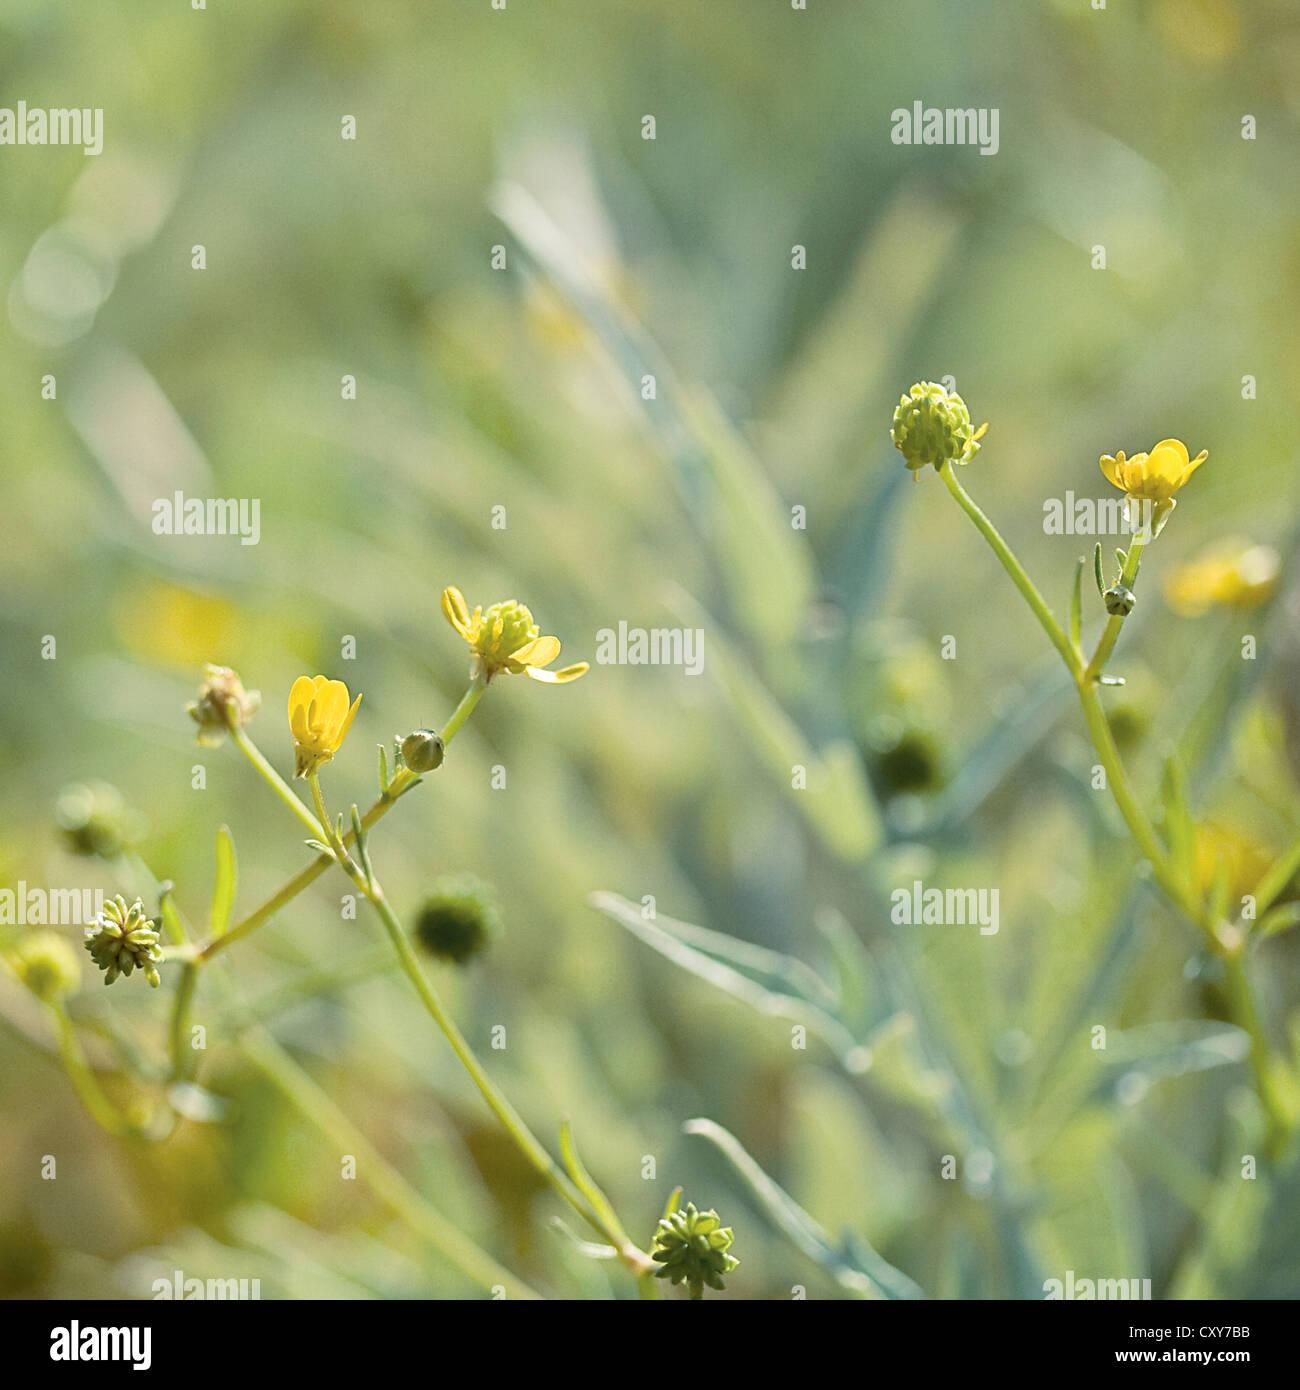 Pocas plantas verdes y amarillos con un bokeh de fondo. Imagen De Stock